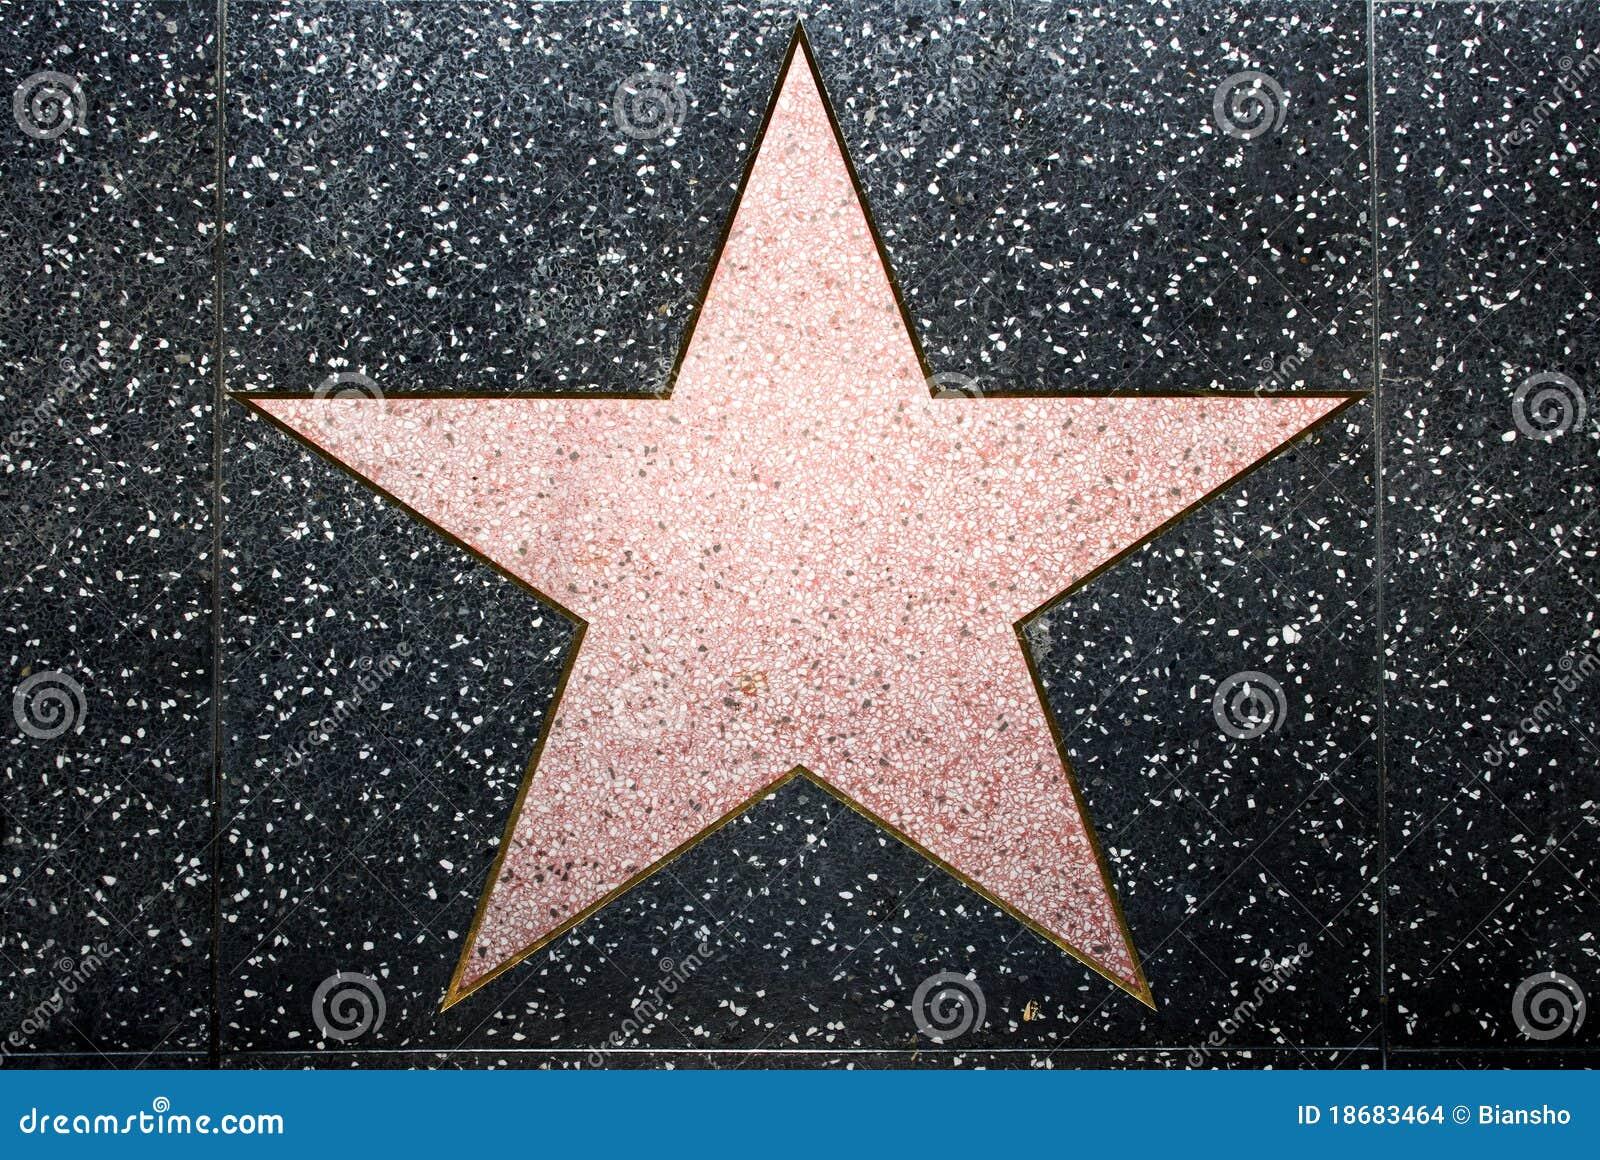 Der leere Stern redaktionelles stockbild. Bild von kalifornien ...